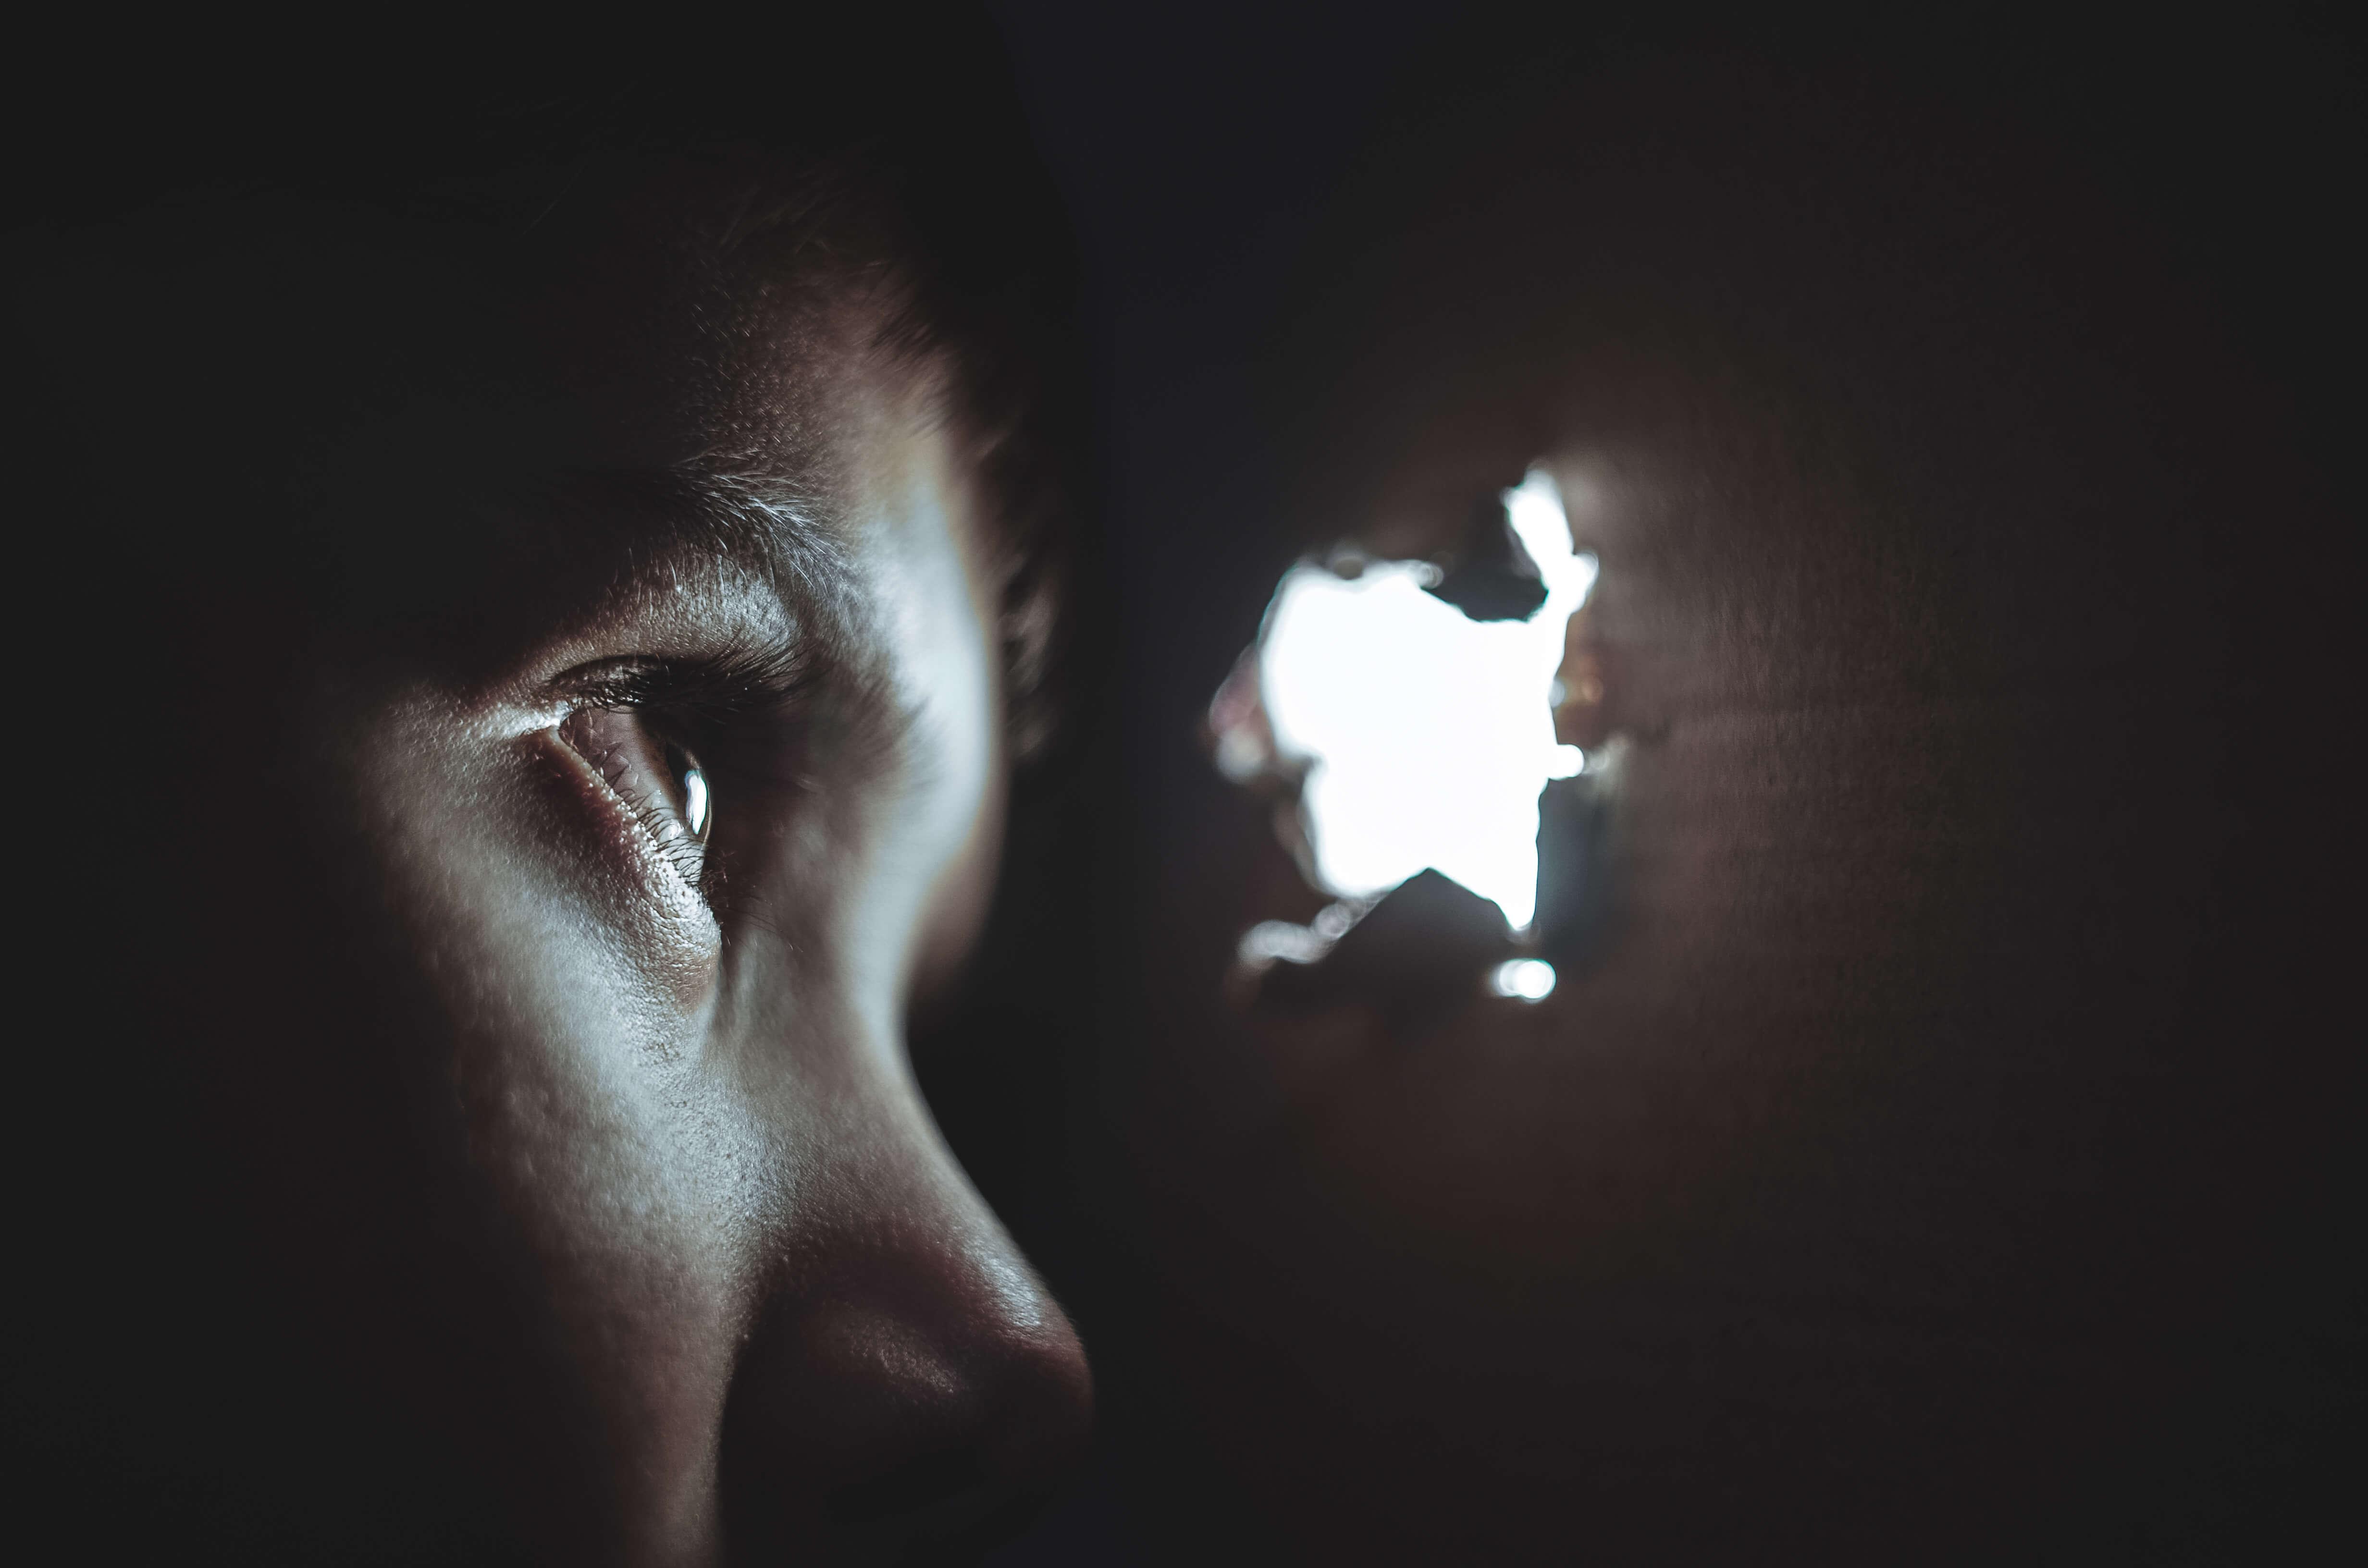 É convivendo que os olhos se abrem (Jo 9,1-41) [Mesters, Lopes e Orofino]